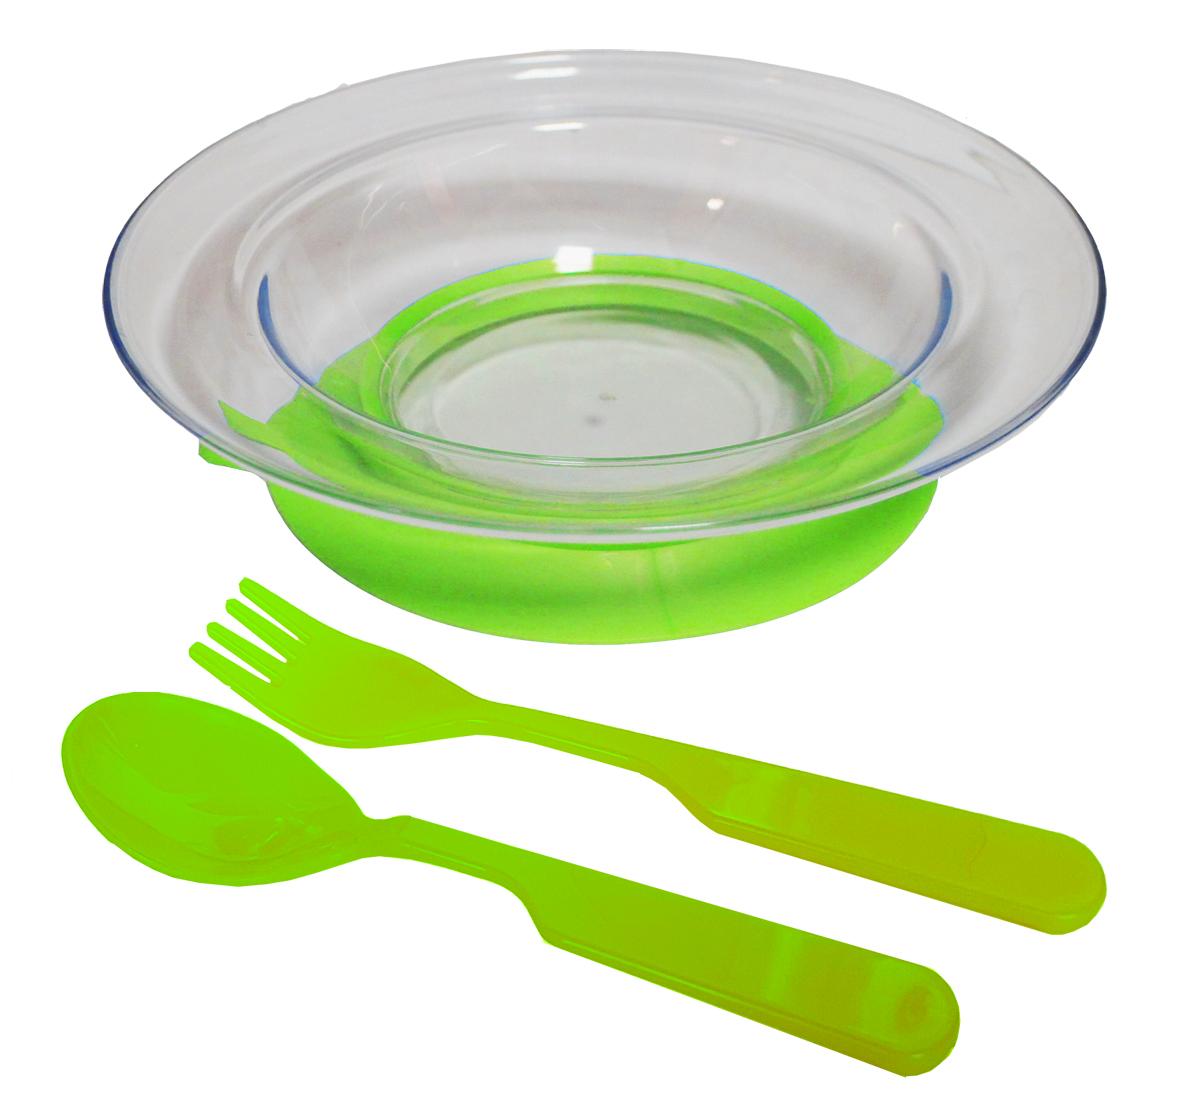 Набор детской посуды цвет салатовый 3 предмета 1214274085Набор посуды из 3-х предметов, идеальный для начала самостоятельного питания малыша. Произведено в России из безопасного пищевого пластика. Форма изготовлена по лучшим европейским технологиям. Эргономичные и безопасные ложка-вилка. Глубокая тарелка на съемной присоске предотвращает скольжение по столу и переворачивание. Яркие цвета и удобная форма обеспечивают удовольствие от кормления. Можно мыть в посудомоечной машине и ставить в СВЧ (снять присоску с тарелки!).